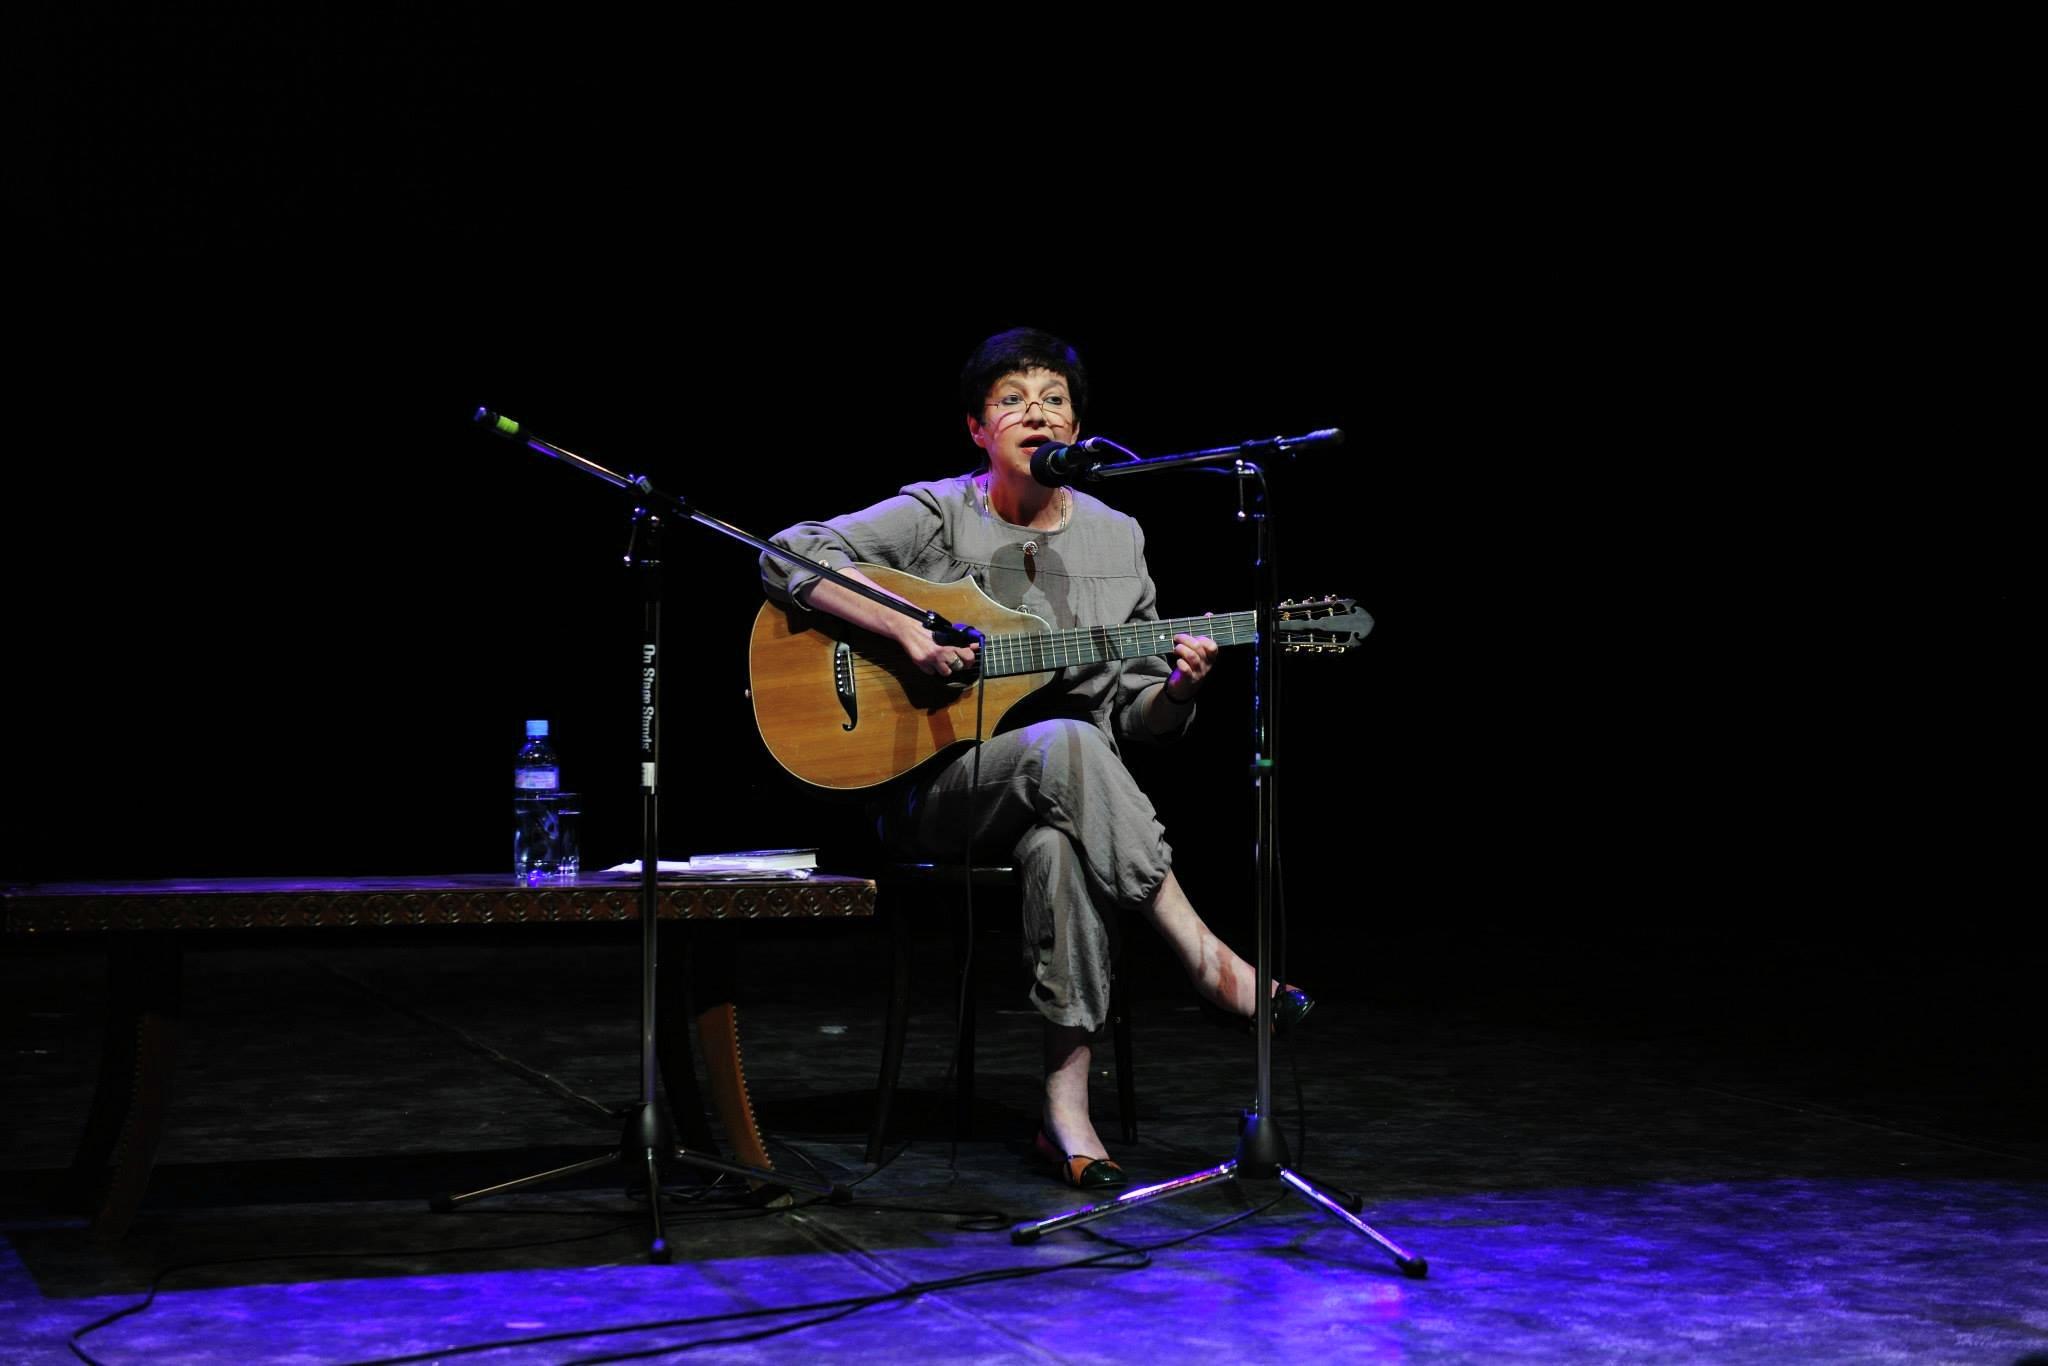 Фестиваль авторской песни, день третий. Специальный гость фестиваля Вероника Долина.